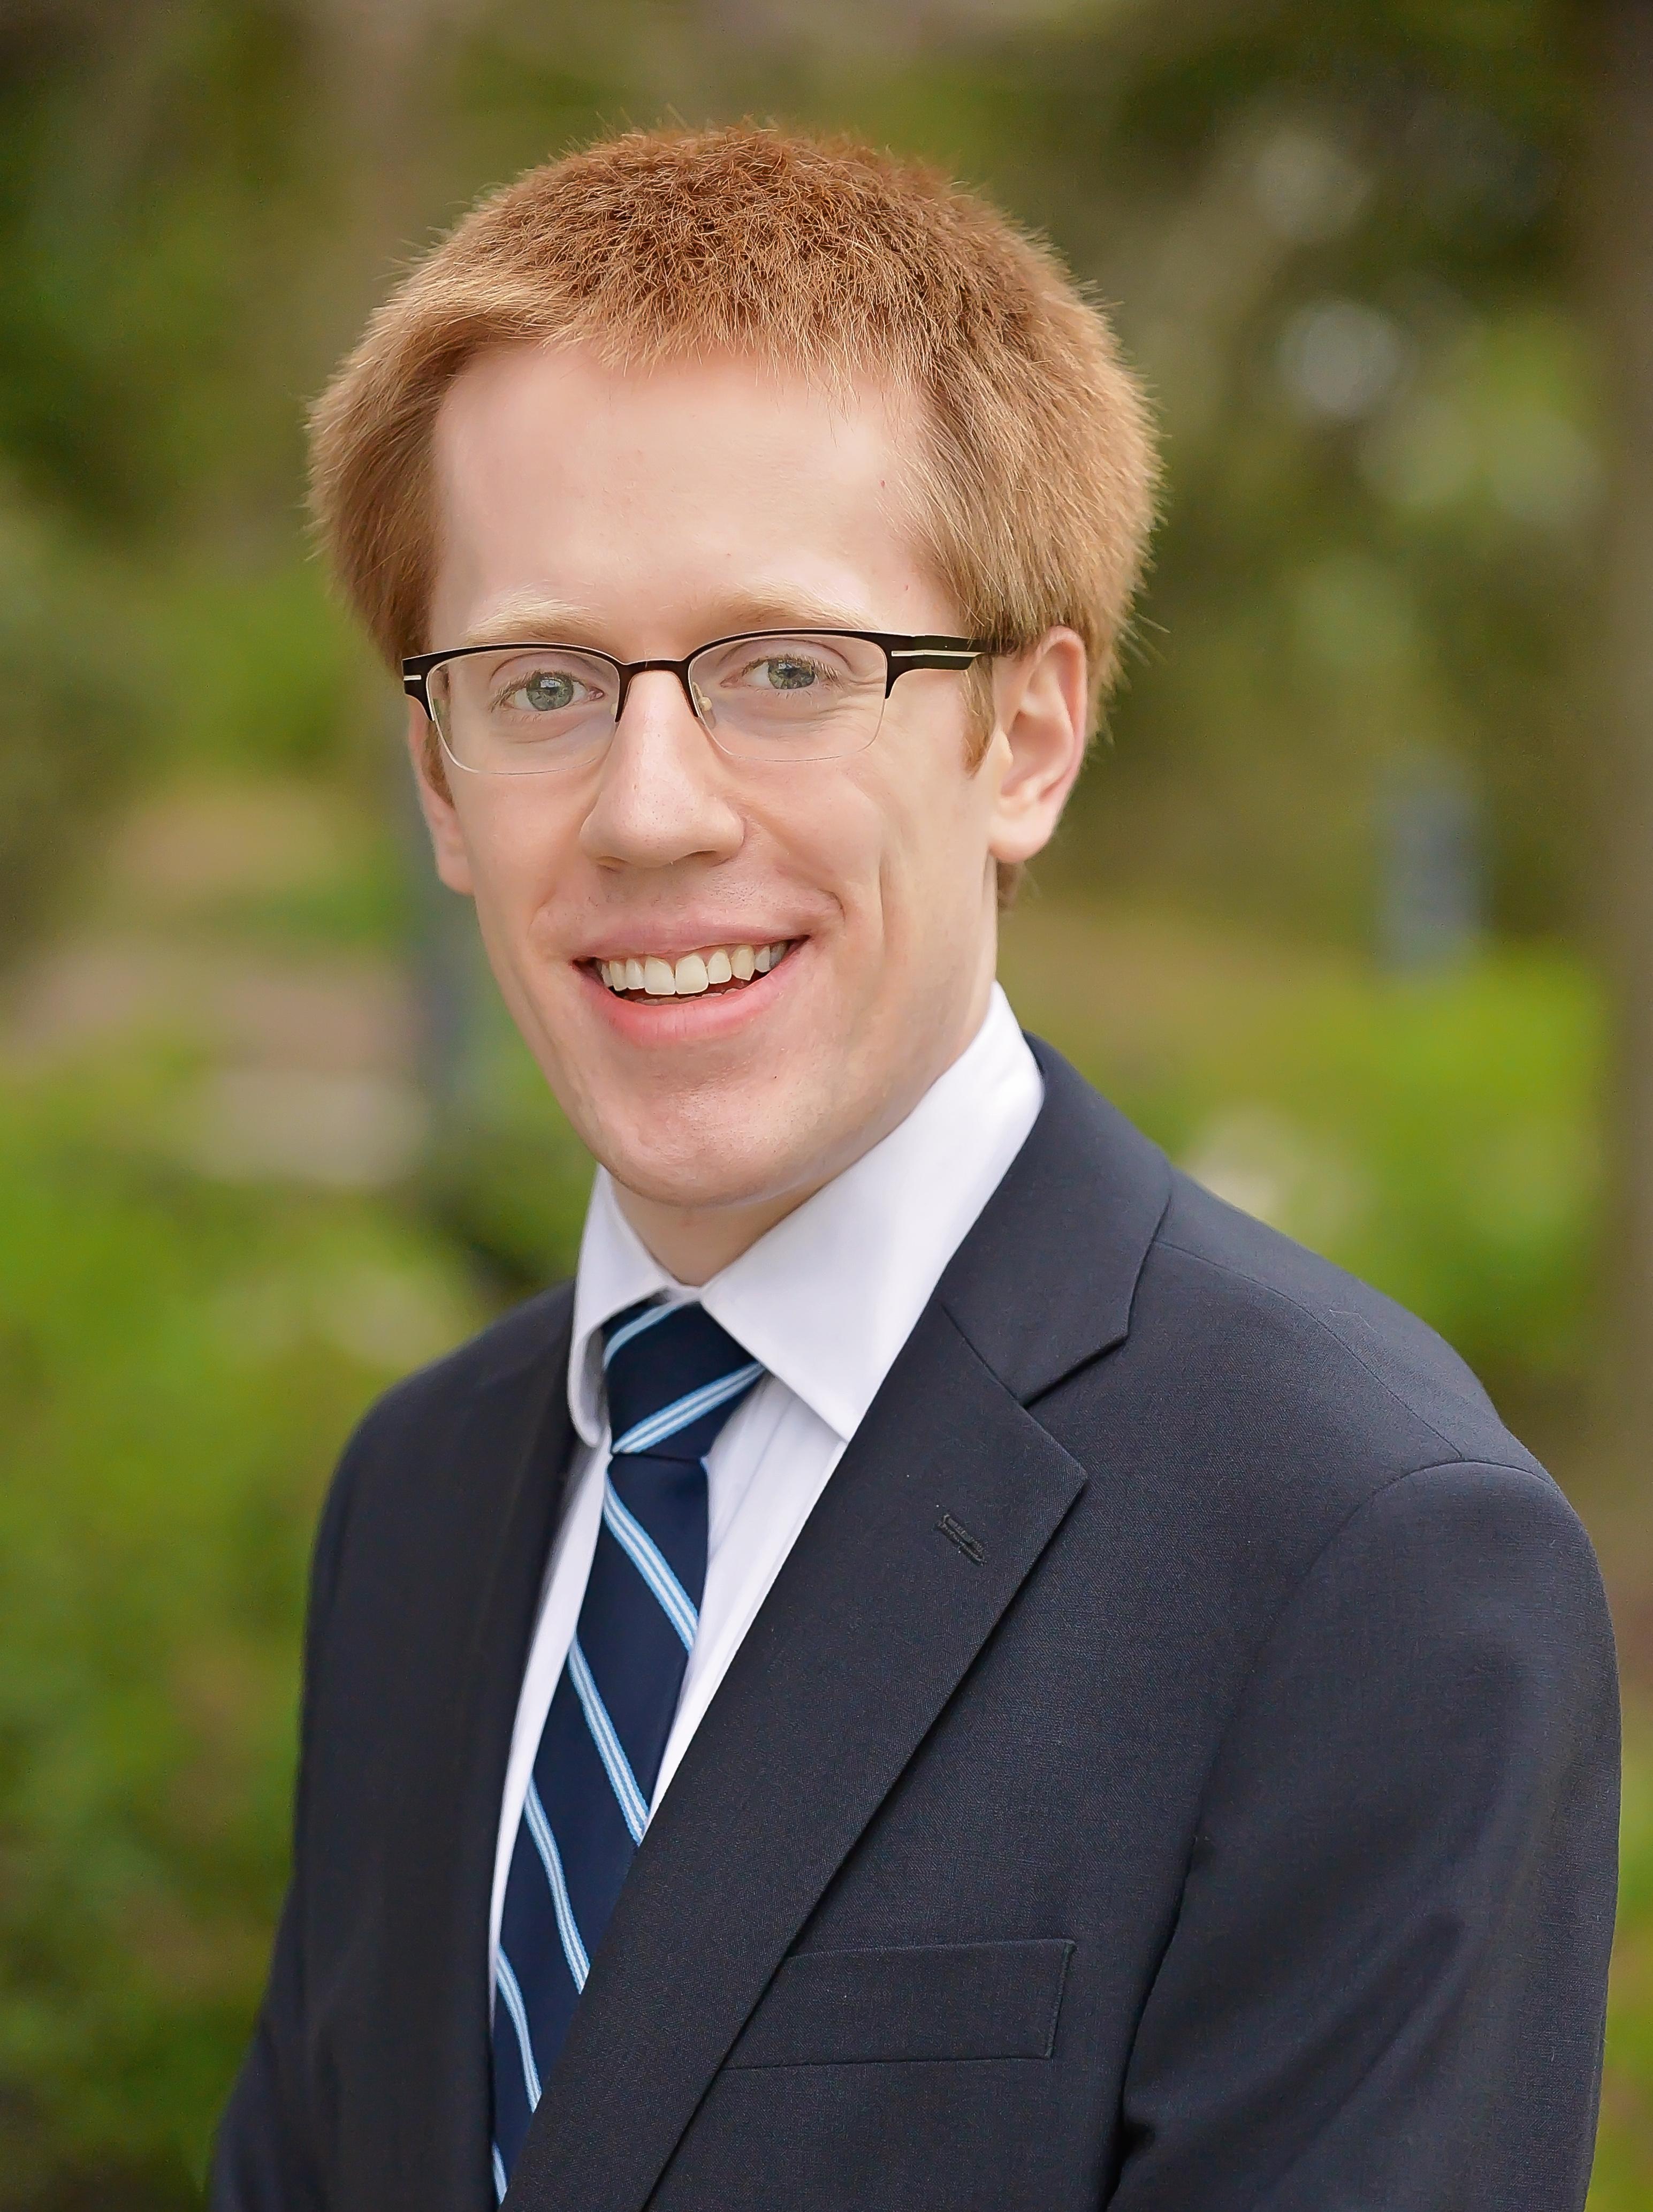 Daniel Gorman Jr. bio photo